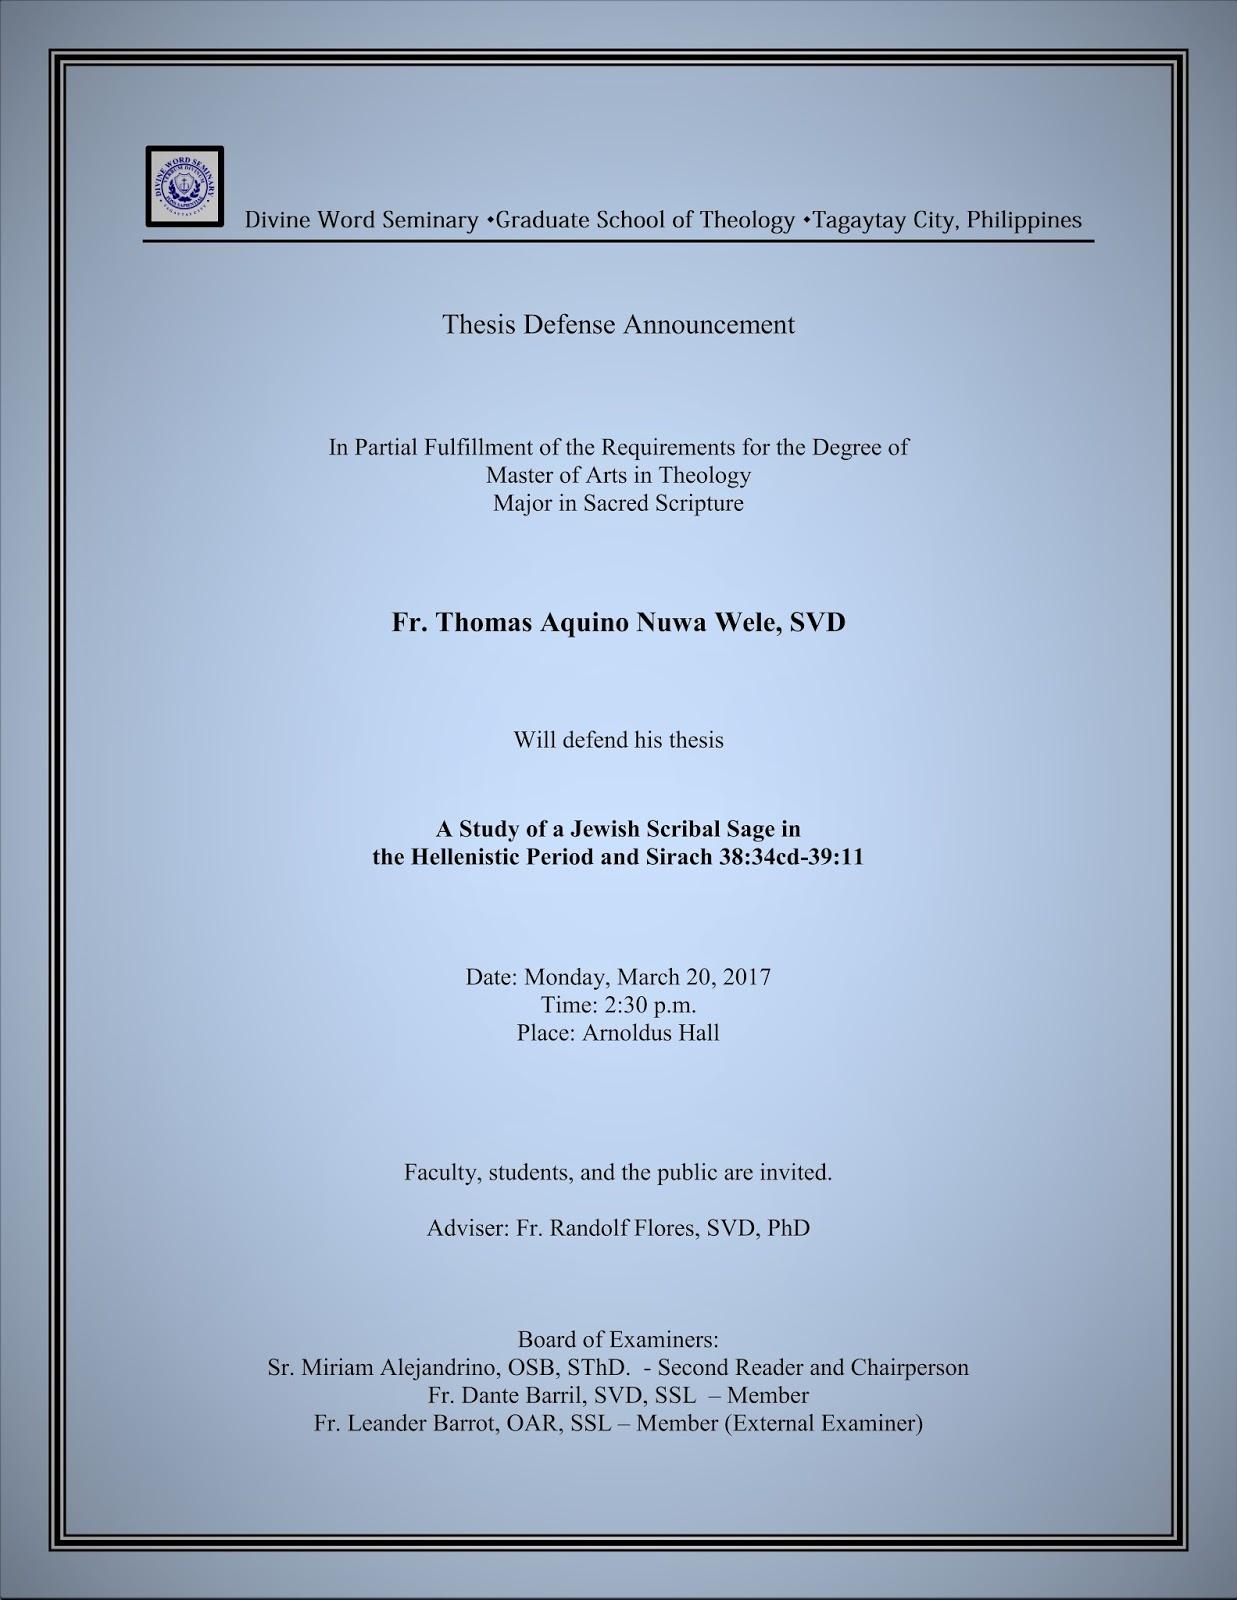 Rsm eur master thesis